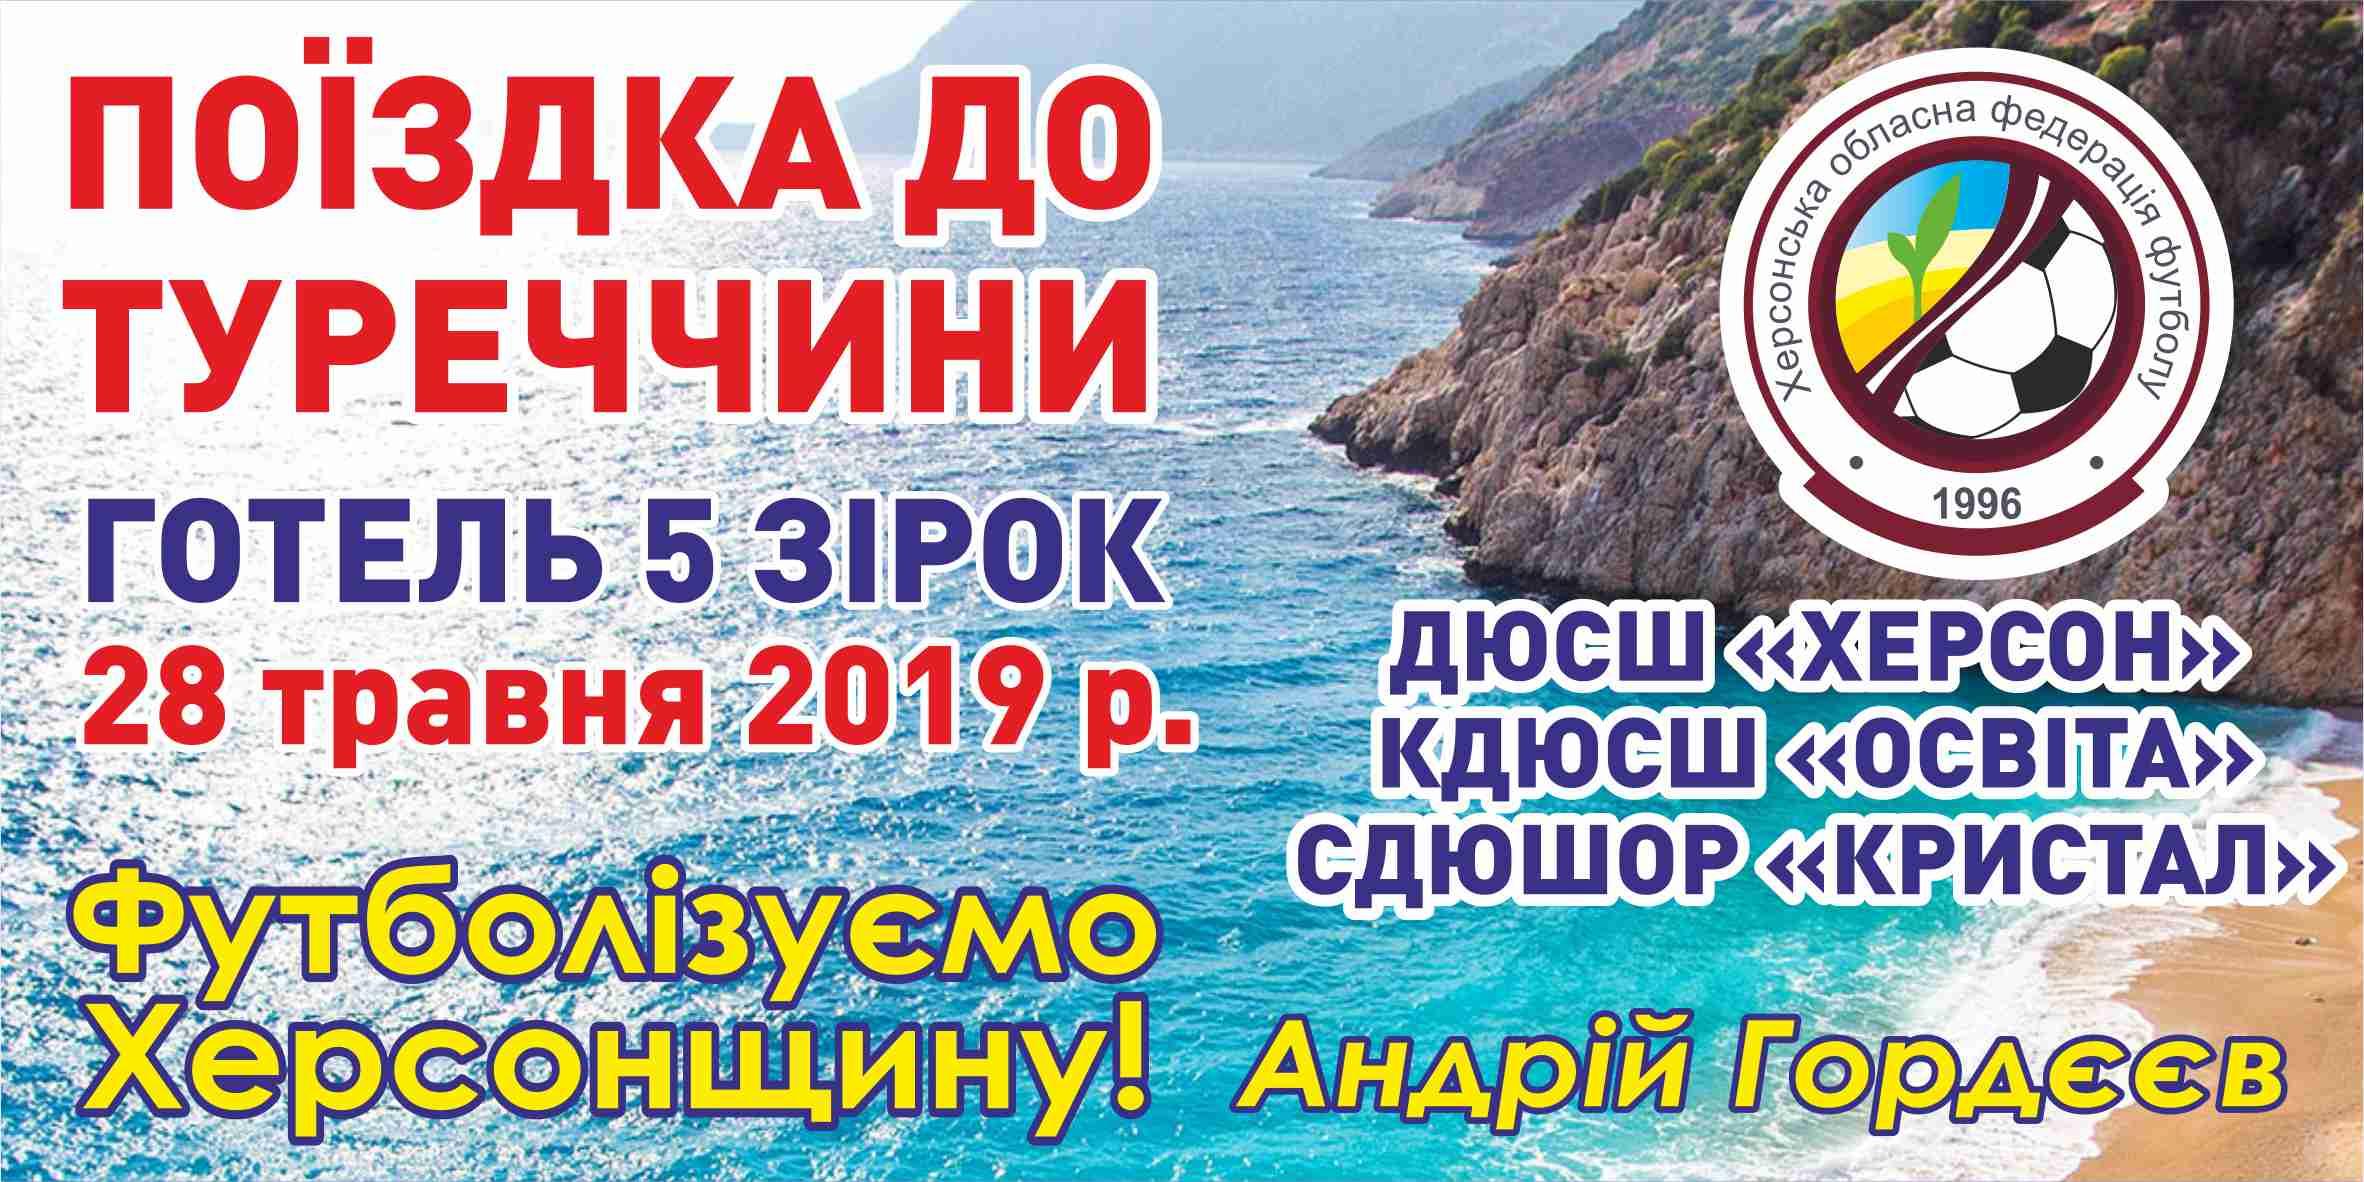 26 травня відбудеться організаційне зібрання стосовно поїздки юних херсонських футболістів до Туреччини